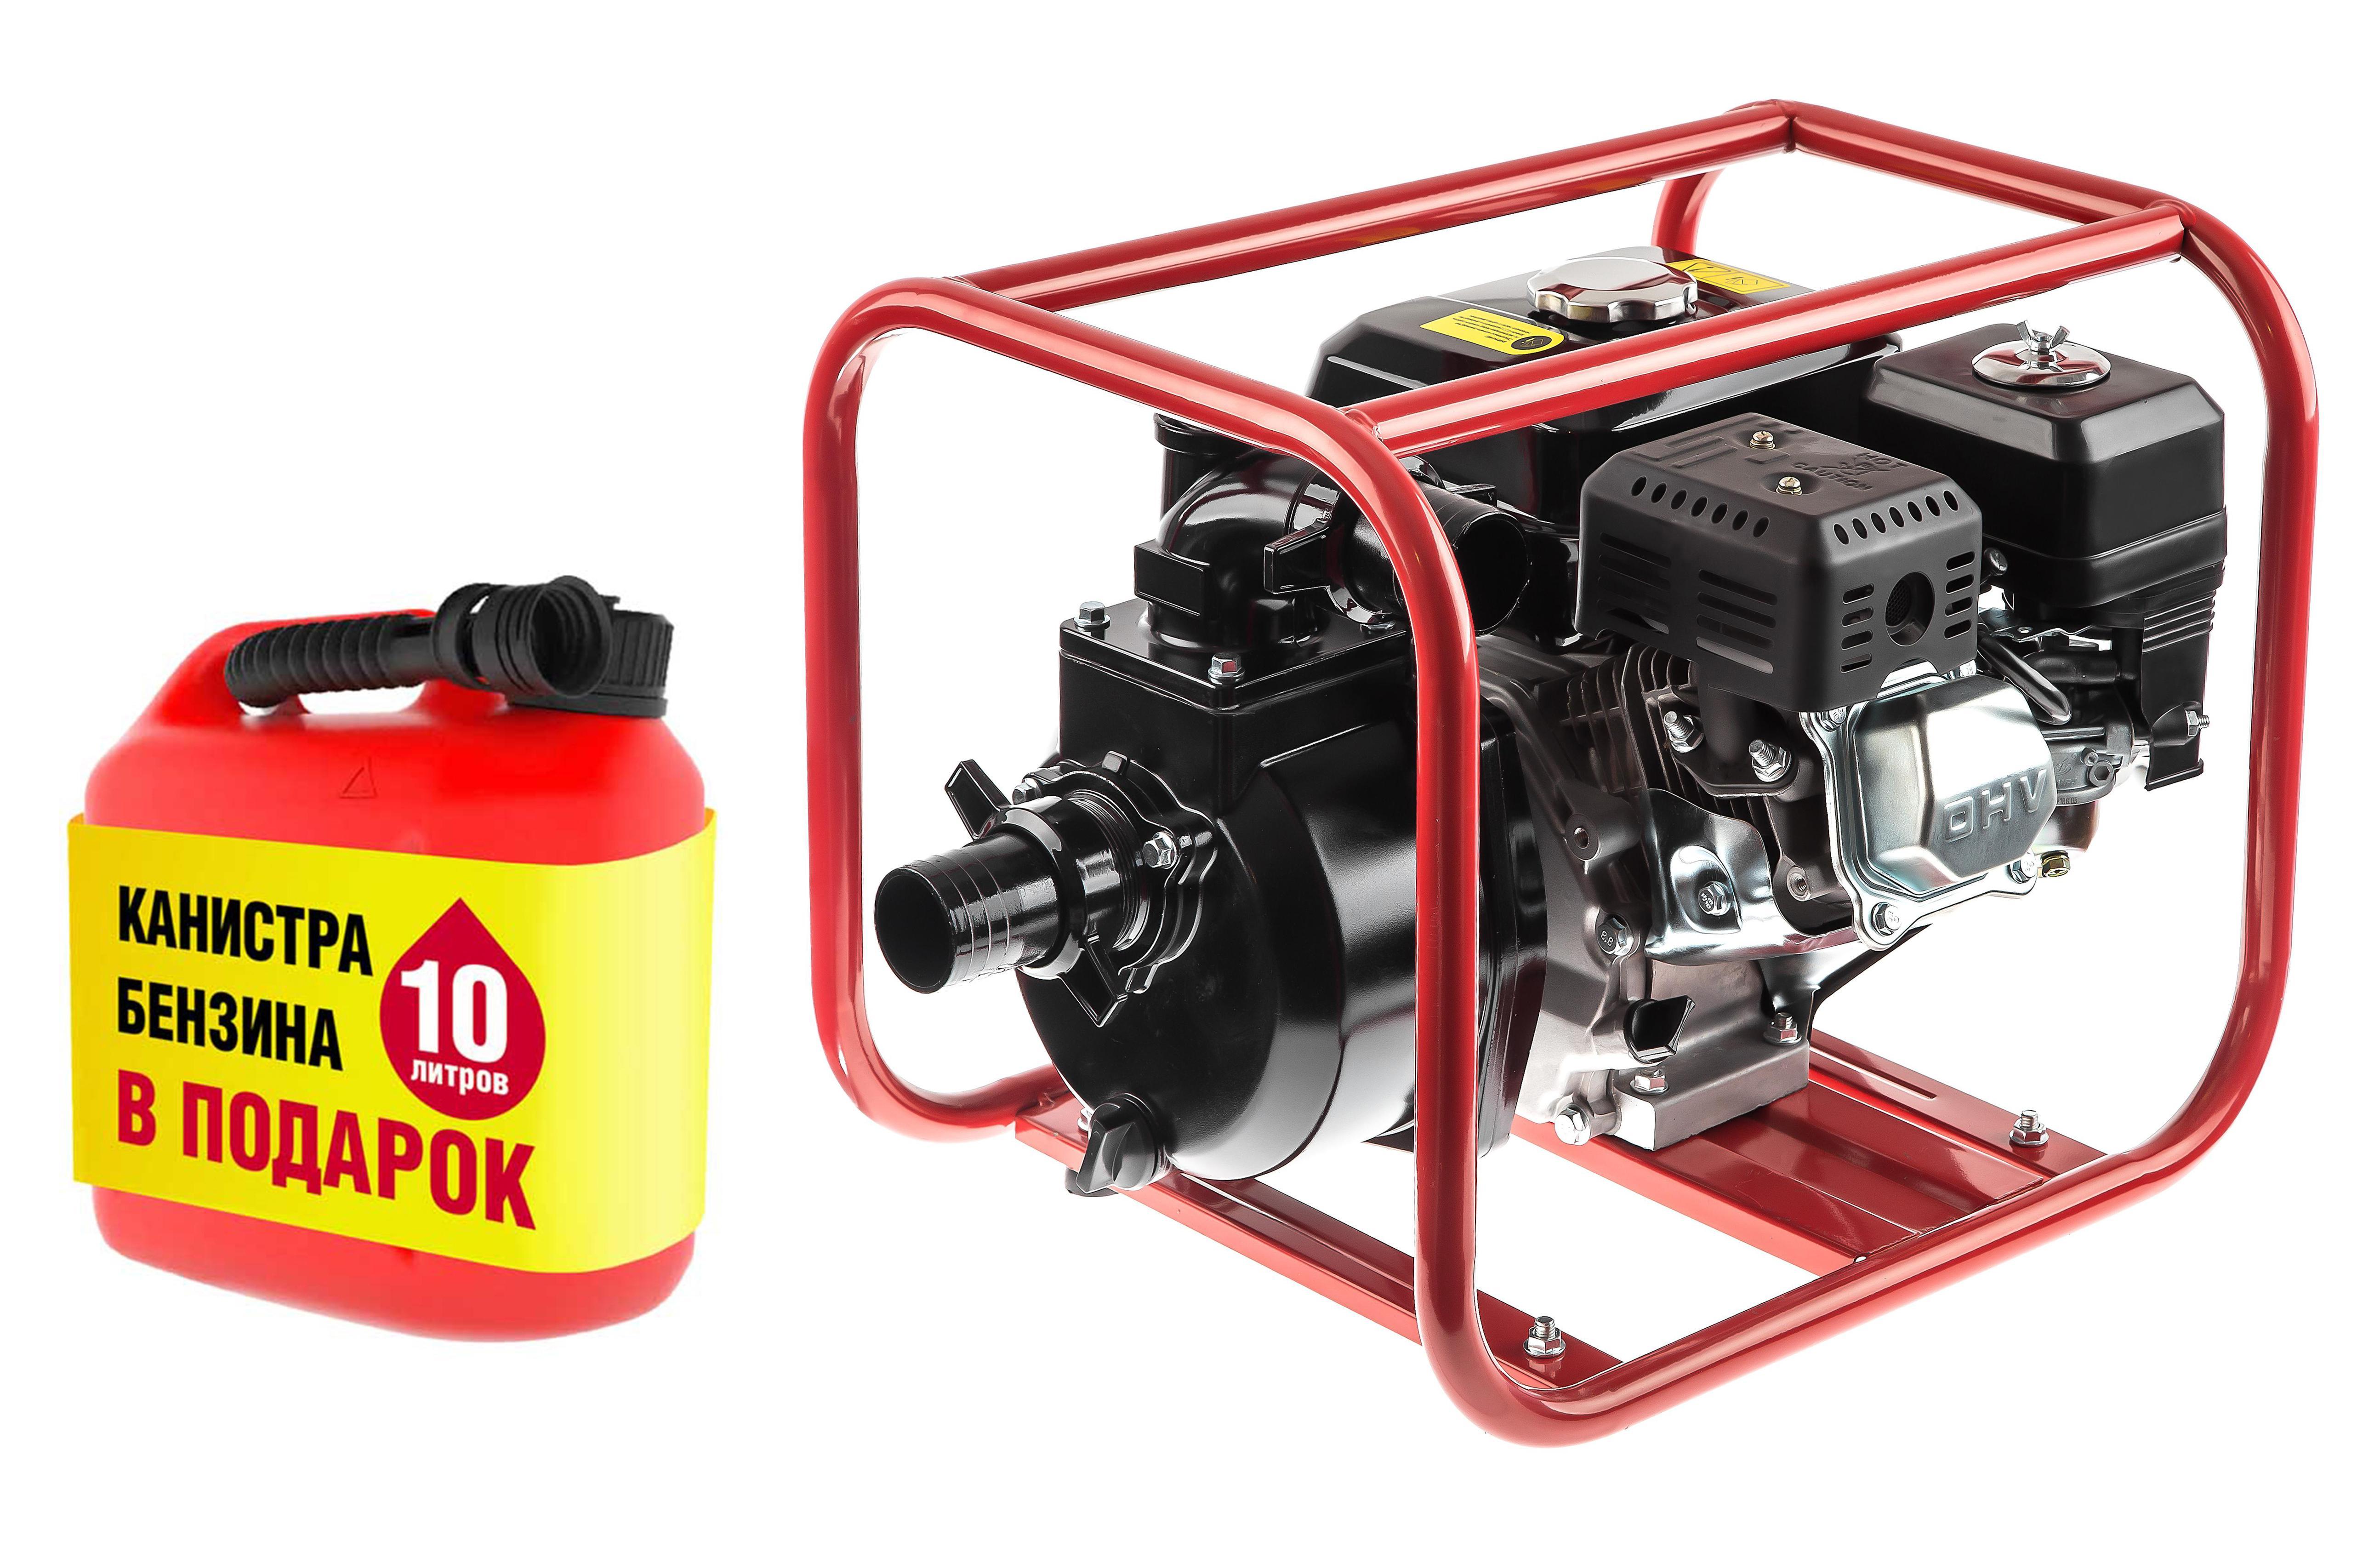 Набор Hammer Мотопомпа mtp285 +Карта топливная ПТК 10 л +Канистра 235-010 10л